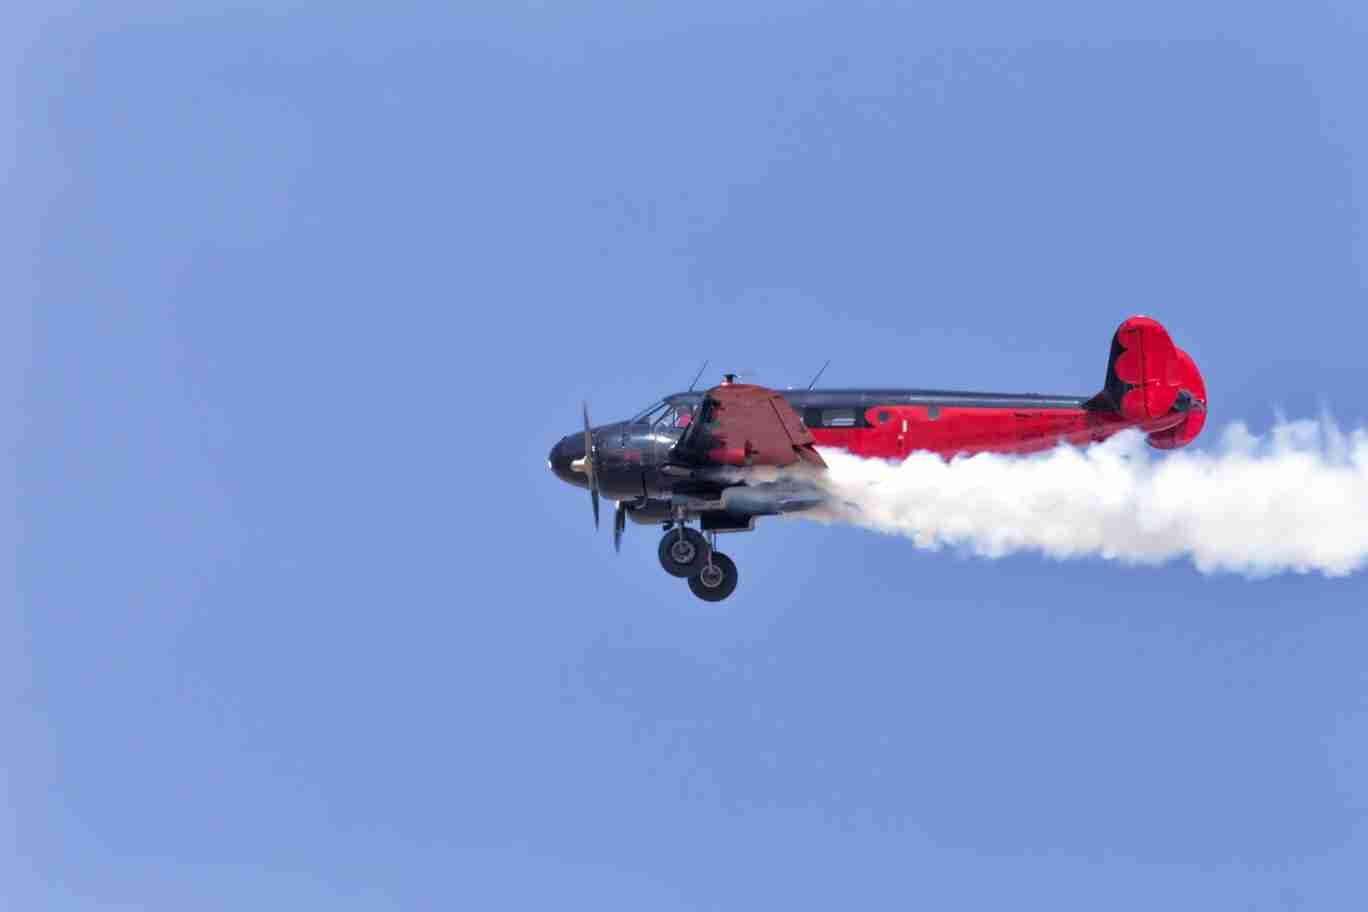 Beech 18 Plane Slowing in Flight